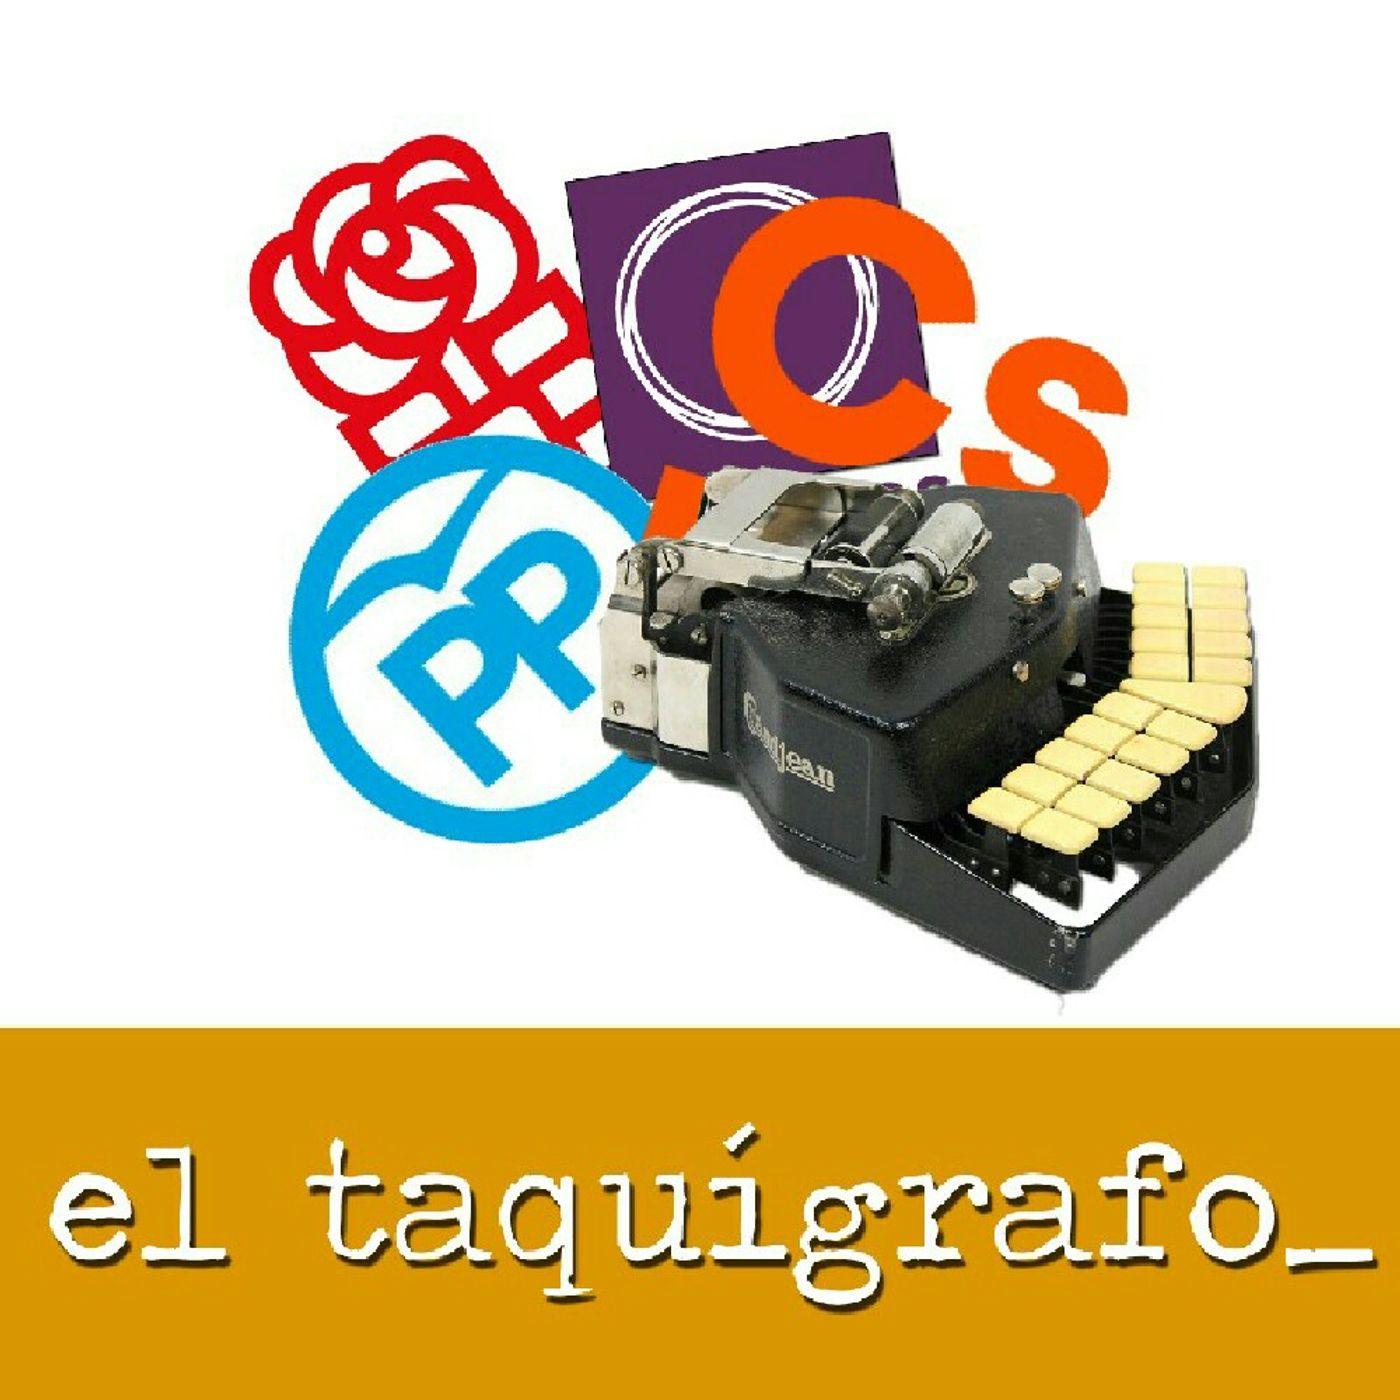 El taquígrafo #Taquígrafo22 (17/03/2017)